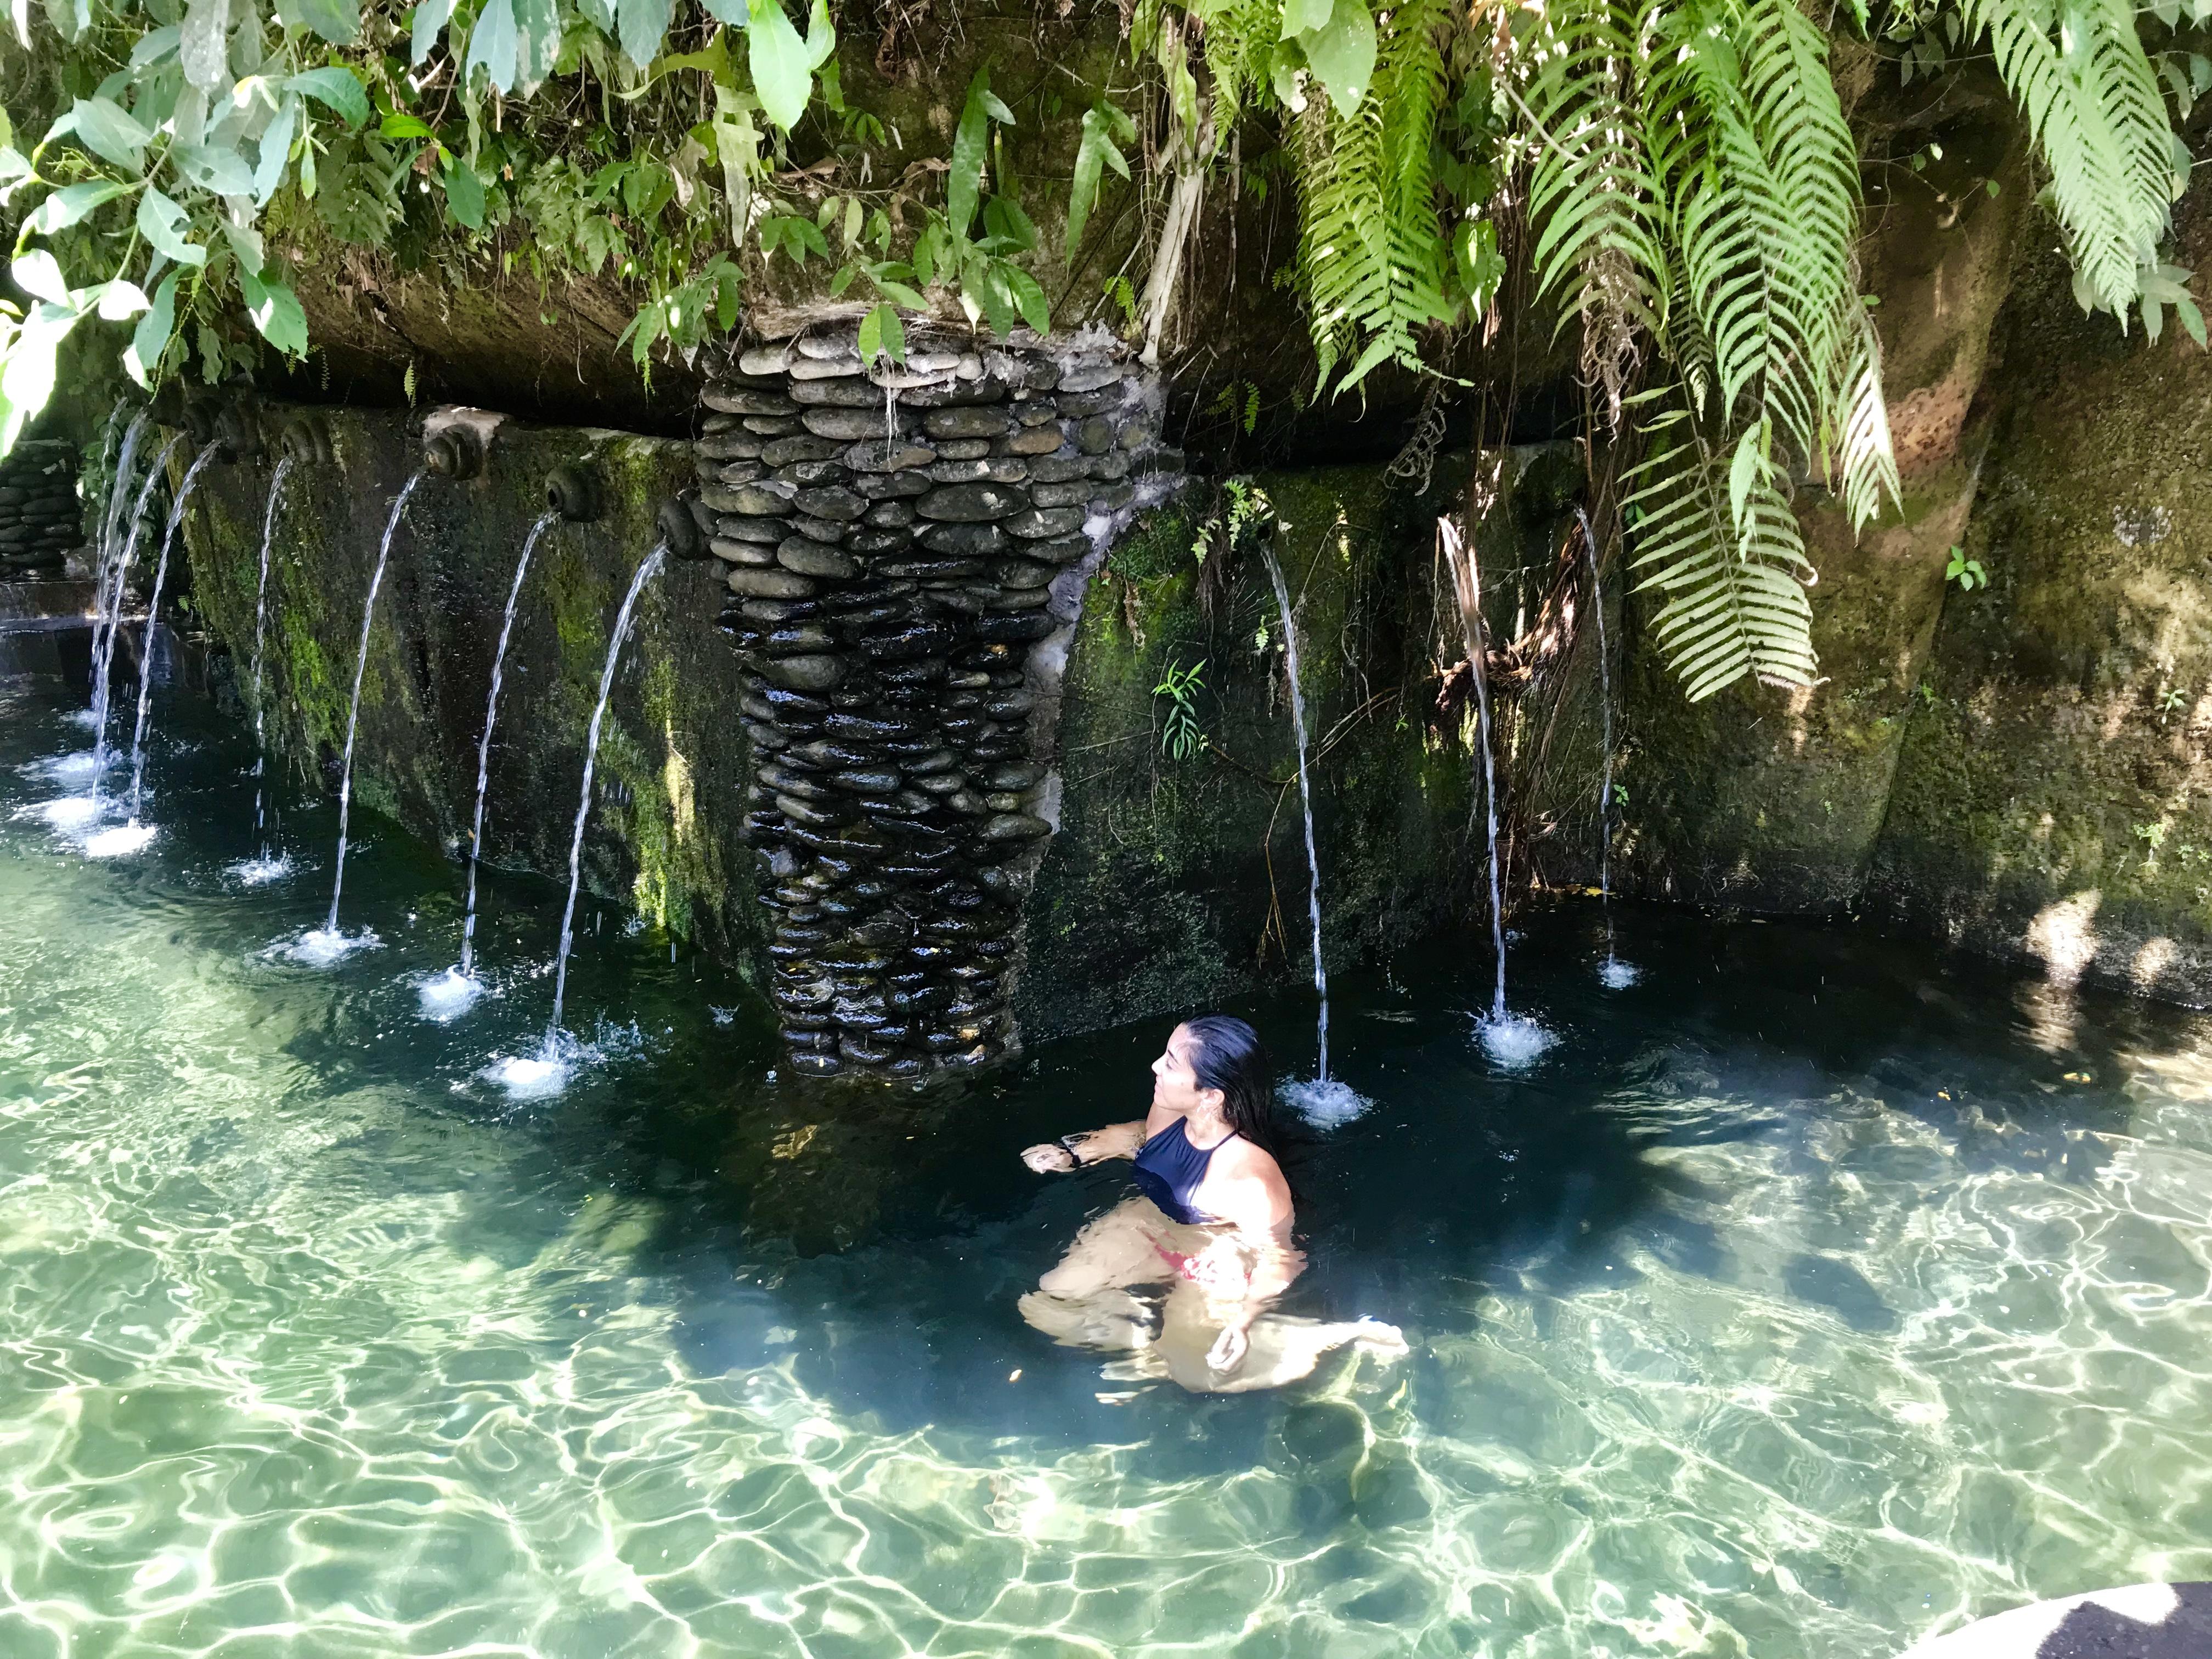 Qué saber antes de viajar a Bali